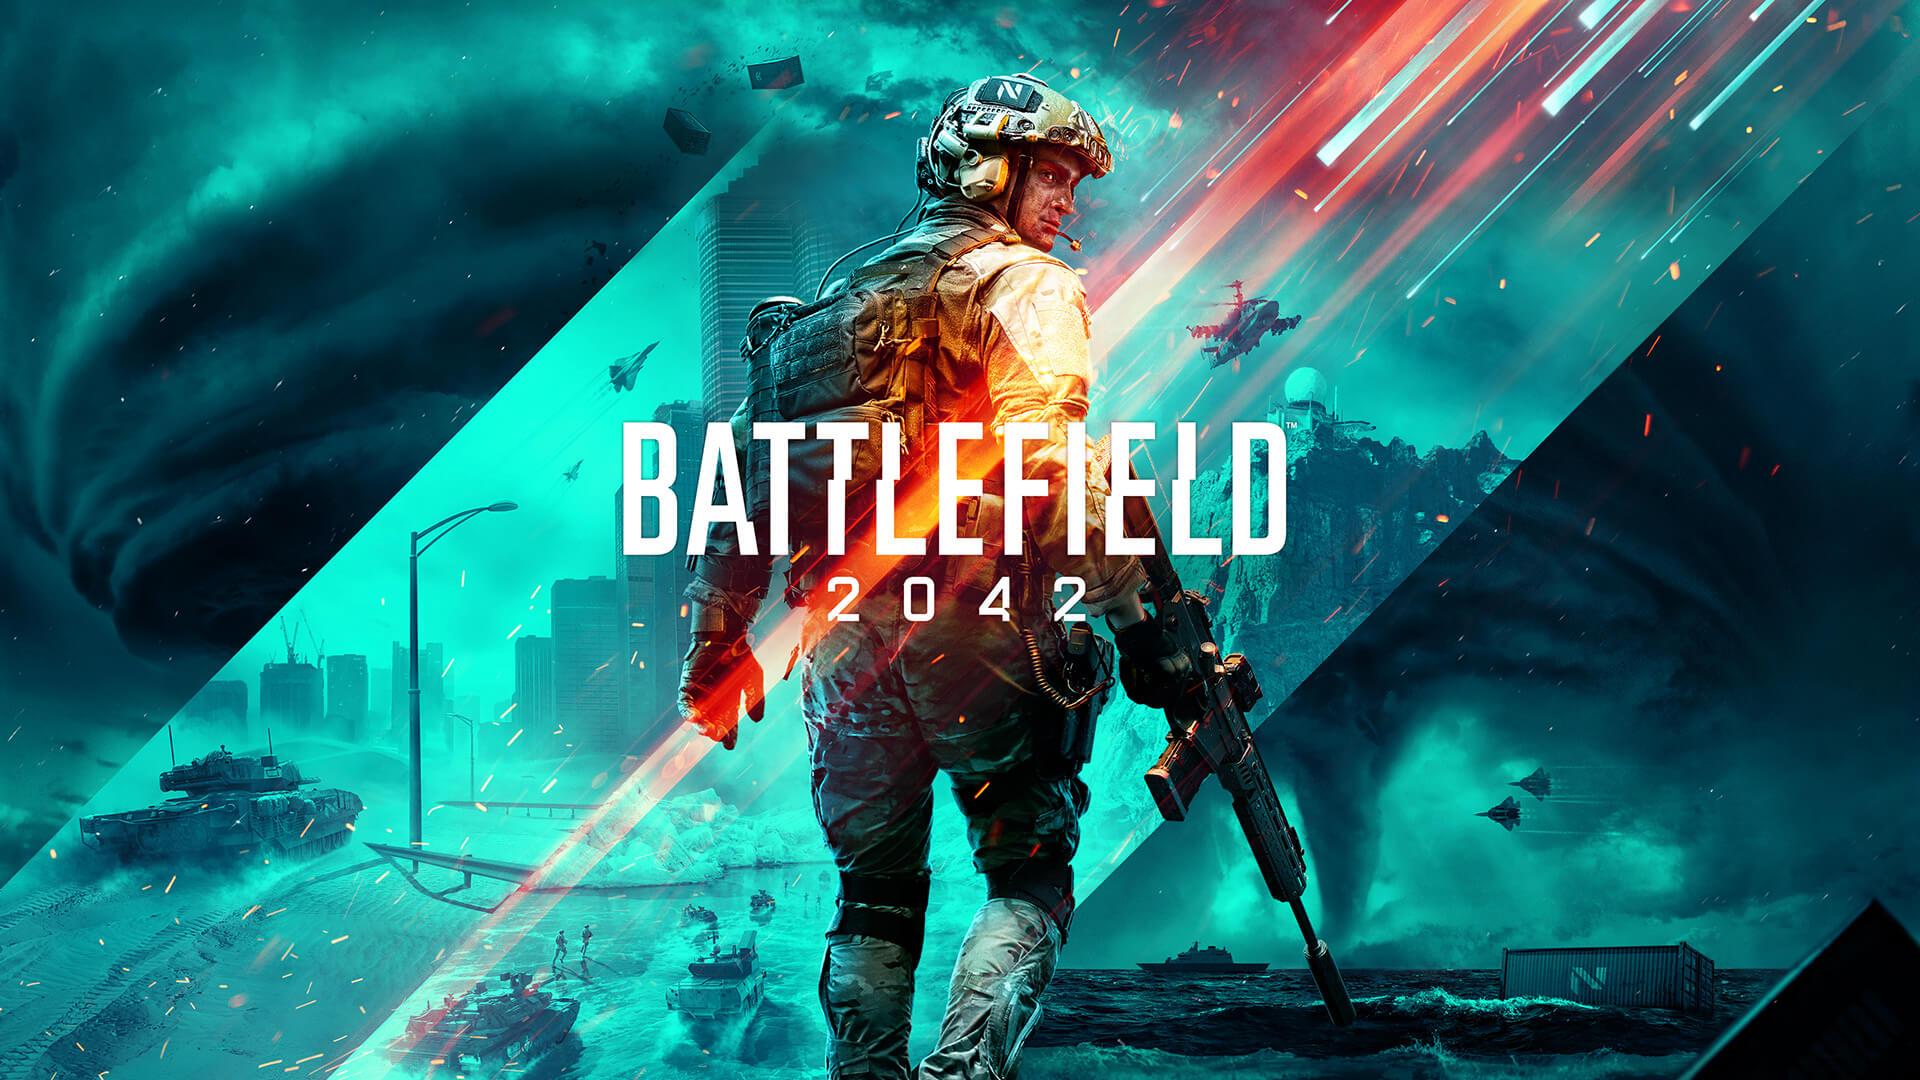 Offizieller Trailer zu Battlefield 6 ist da